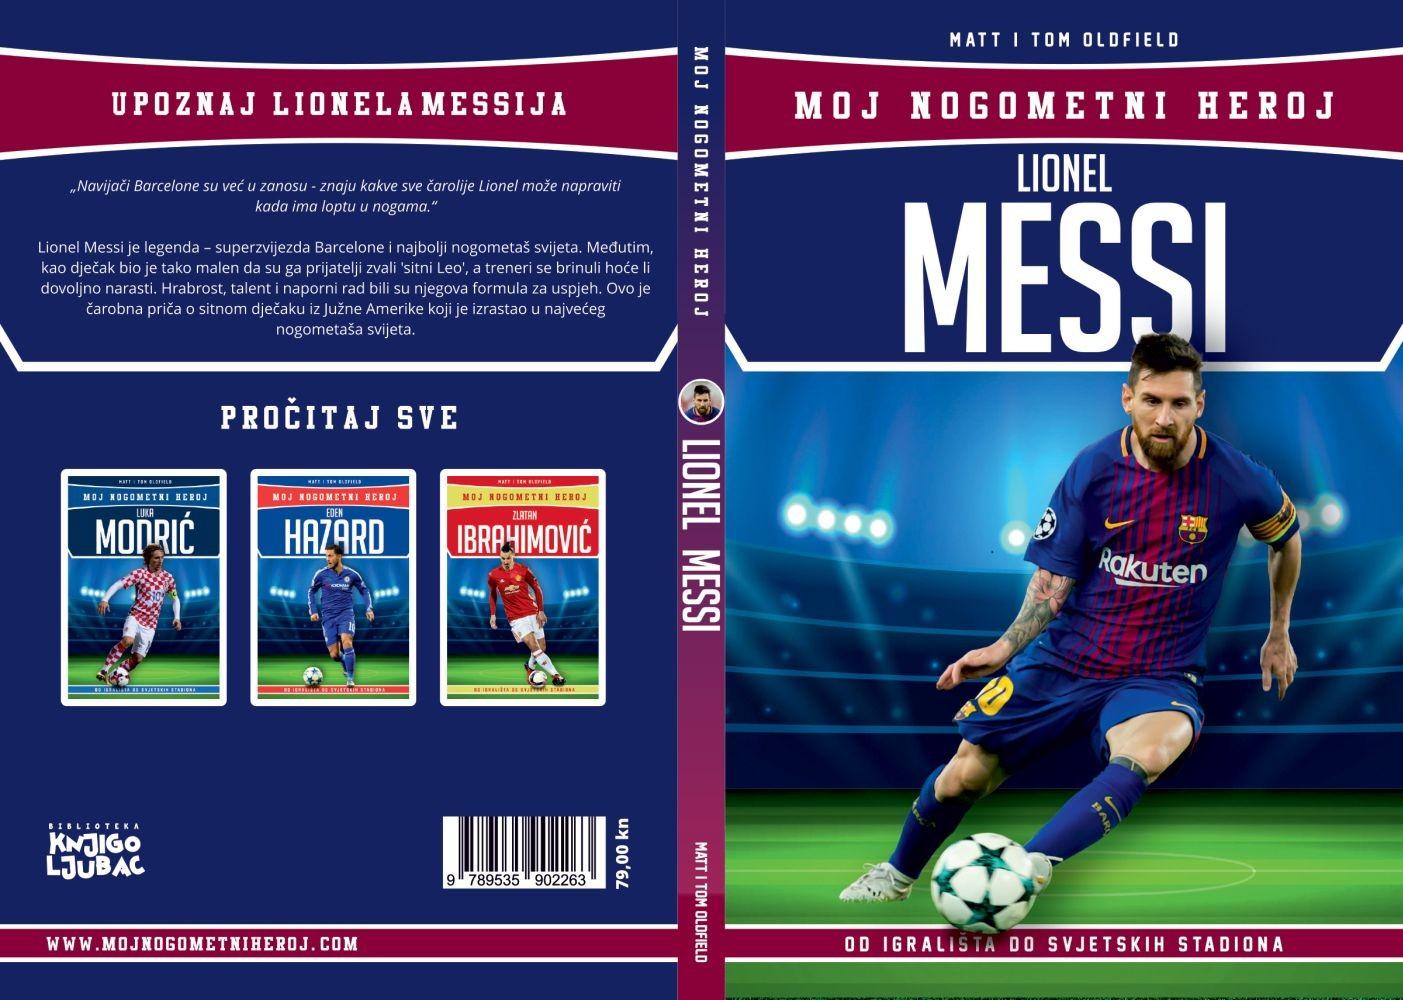 Lionel Messi - Moj nogometni heroj - biografija